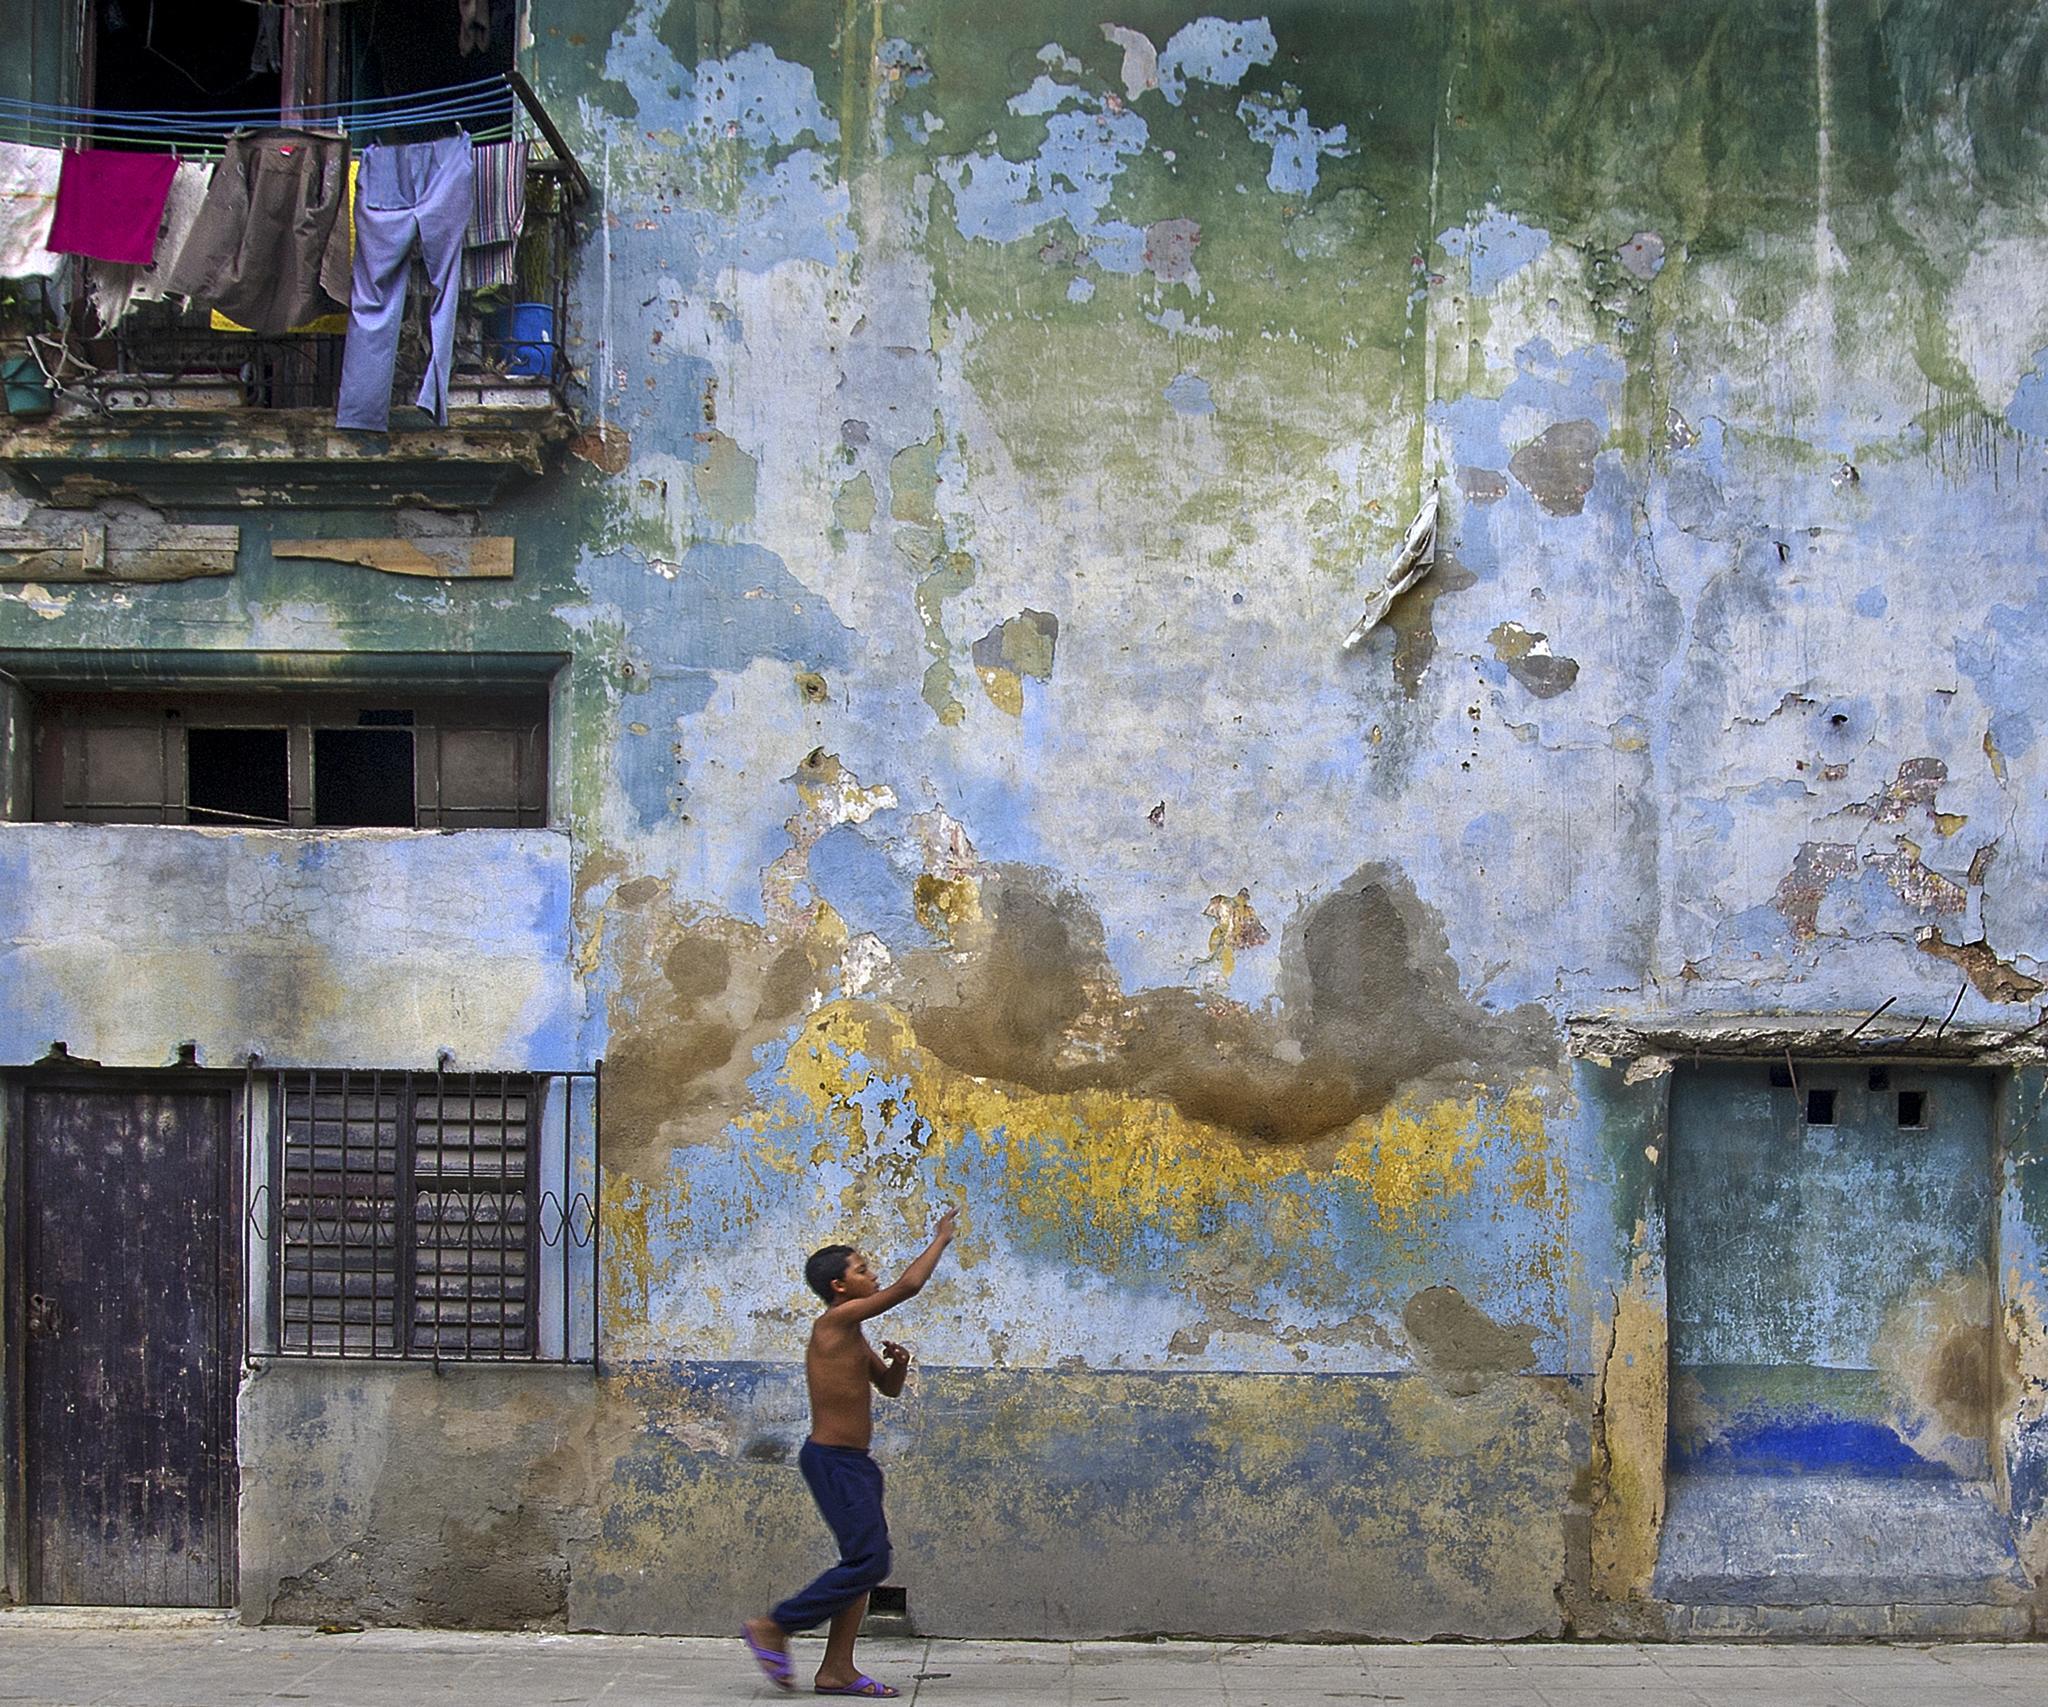 Havana Street by Peter Puddiphatt